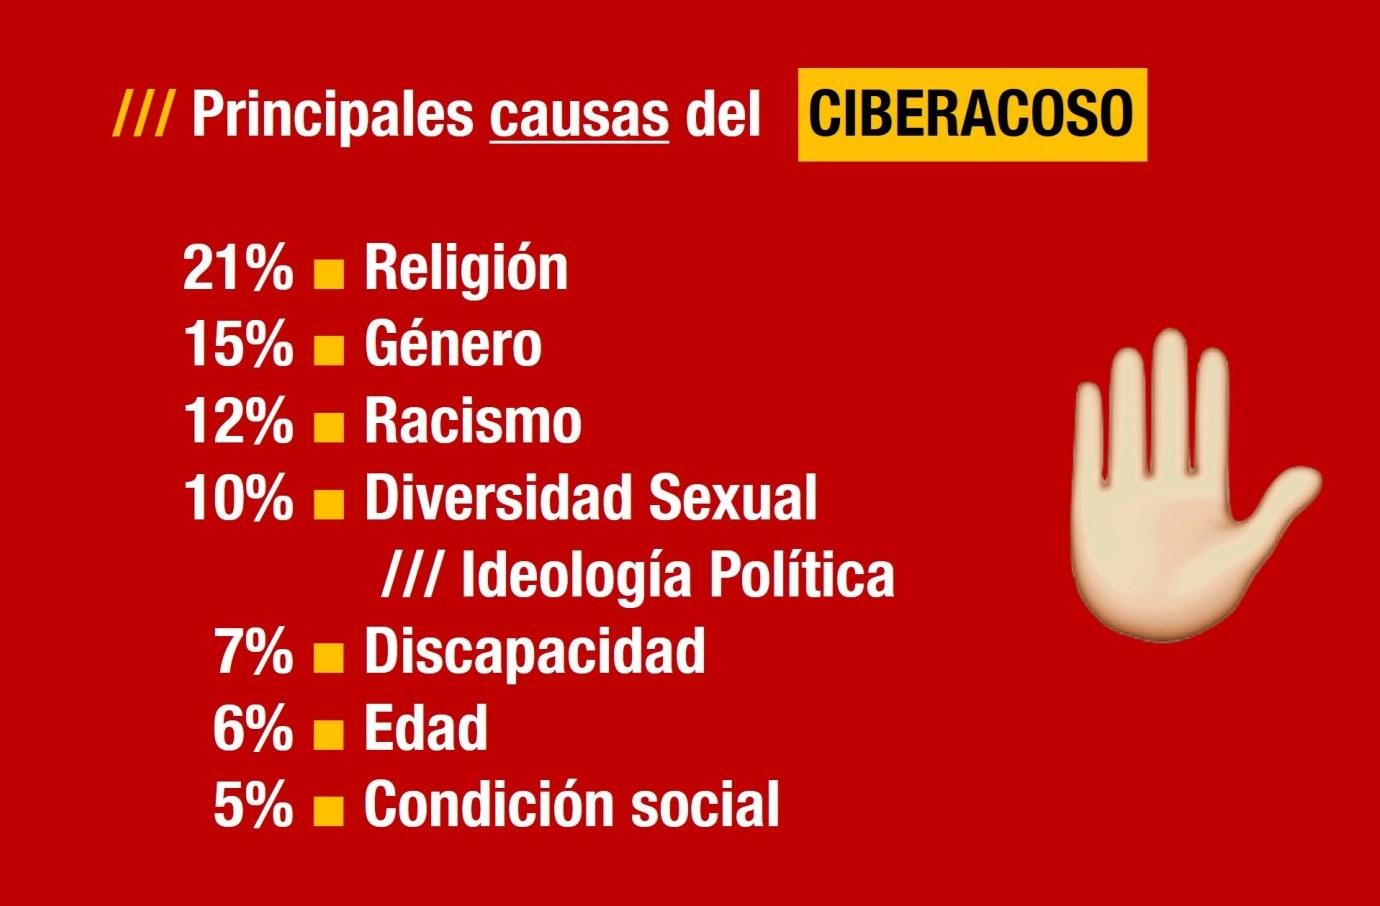 Las principales causas del ciber acoso (cyber bulling) en las redes sociales, según el INADI